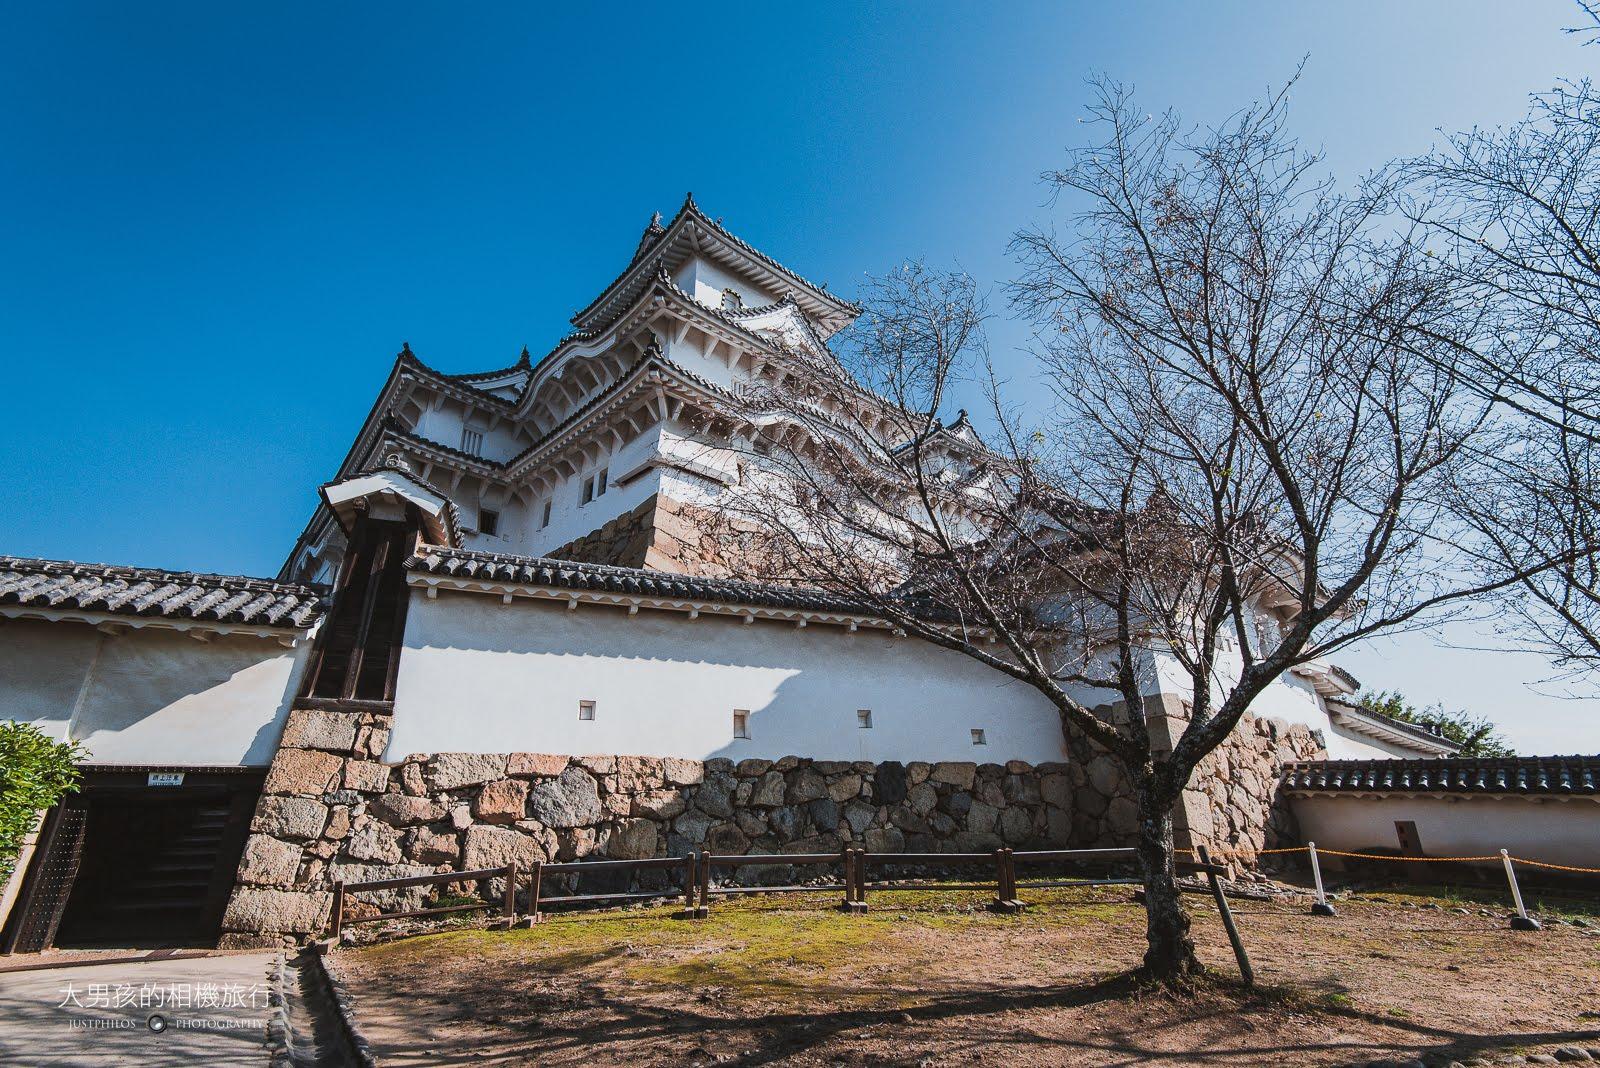 姬路城也是賞櫻名所,不過非花季的殘枝還是把姬路城點綴的相當出色。